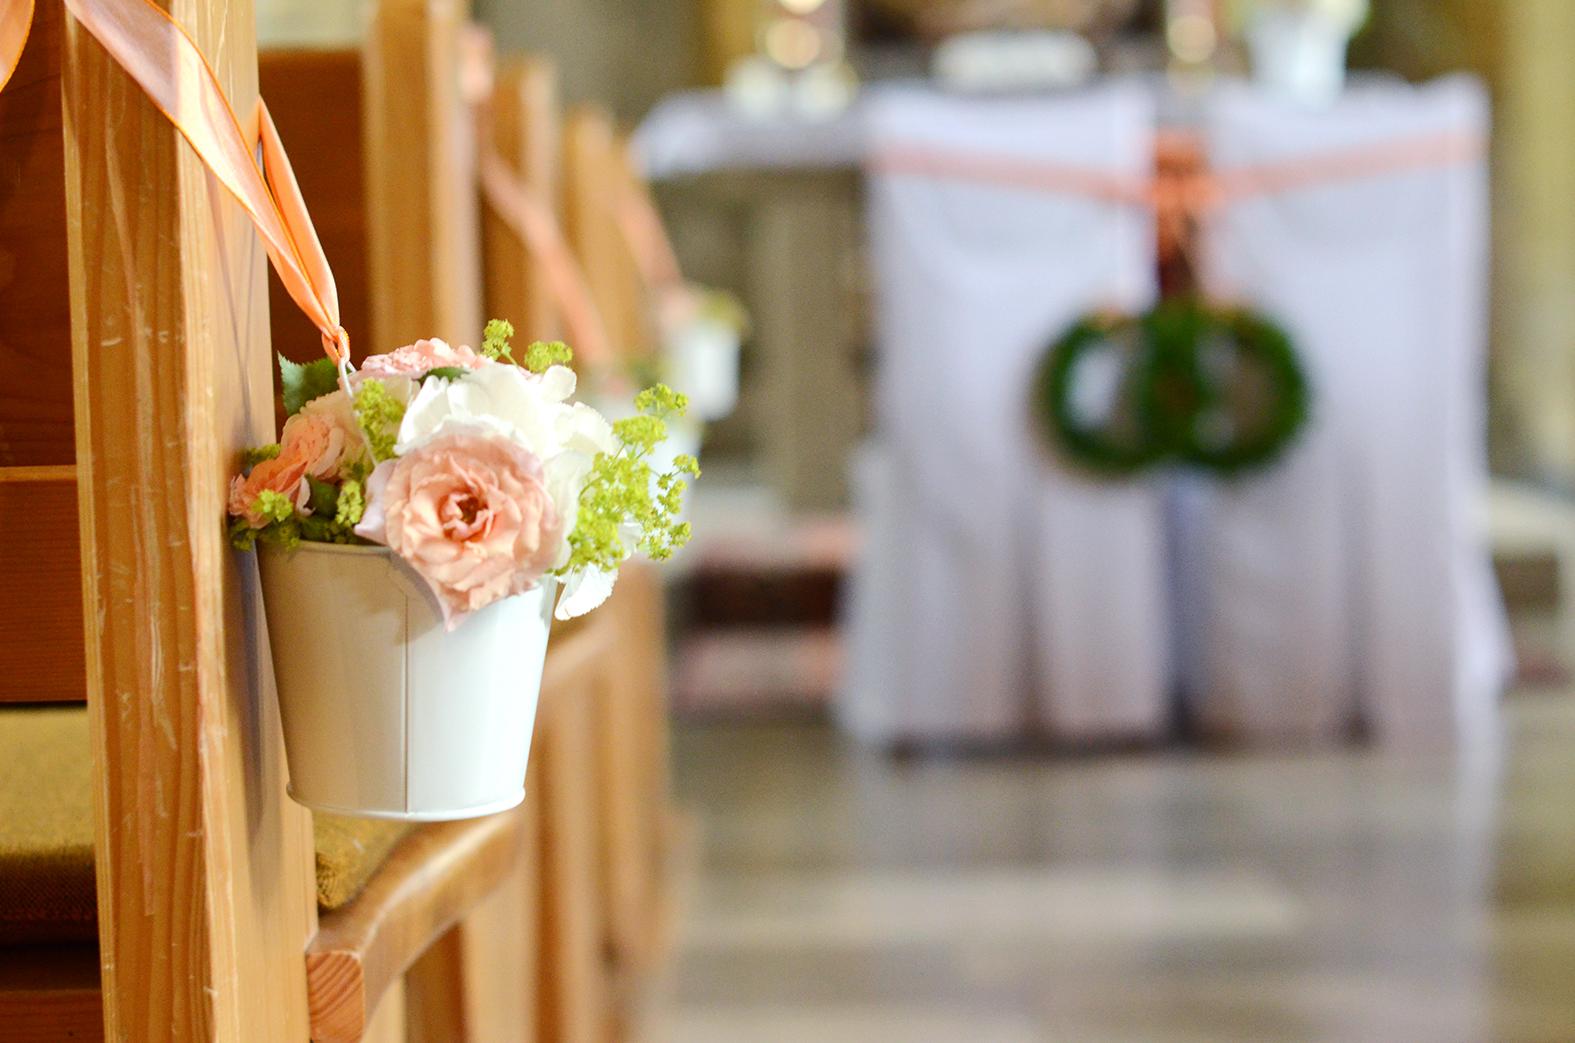 Hochzeitsdekoration in zarten Tnen  es muss nicht immer